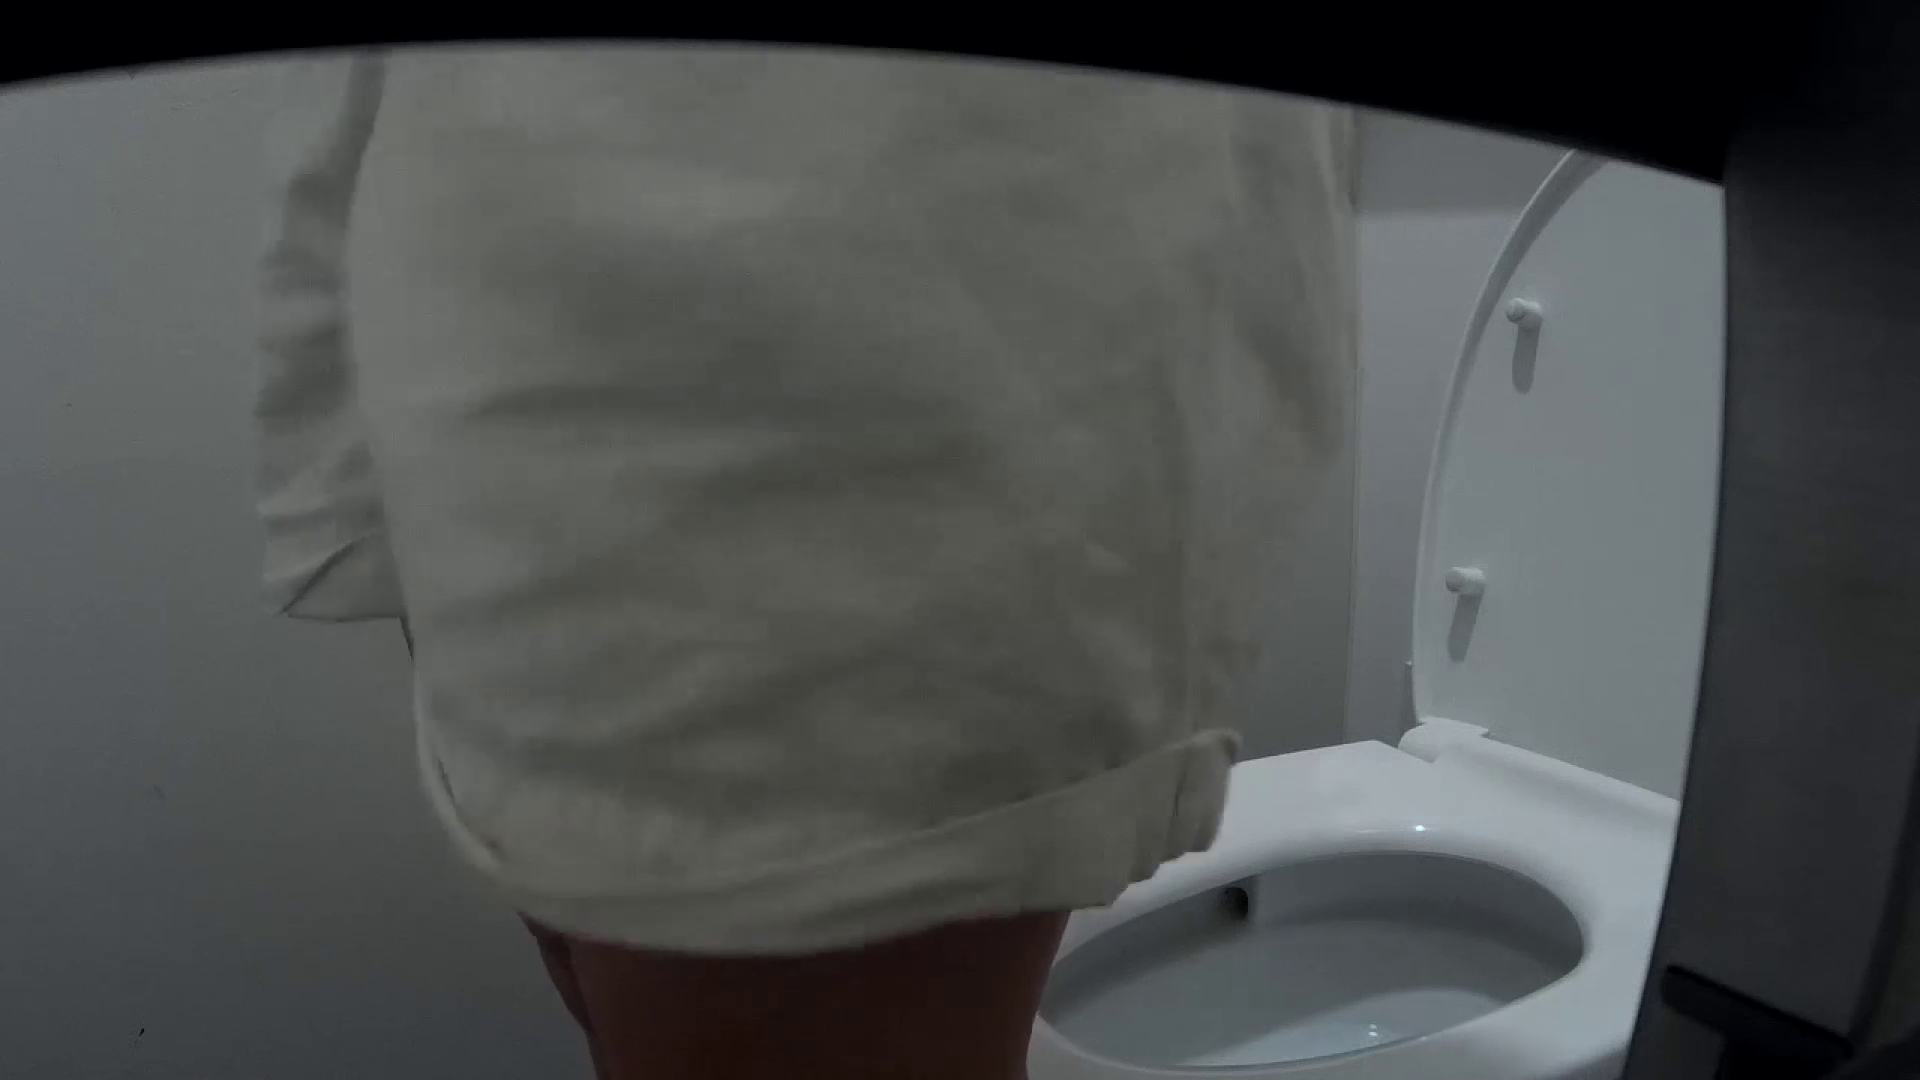 有名大学女性洗面所 vol.50 個室には3つの「目」があるみたいです。 エッチすぎるOL達 われめAV動画紹介 94連発 2